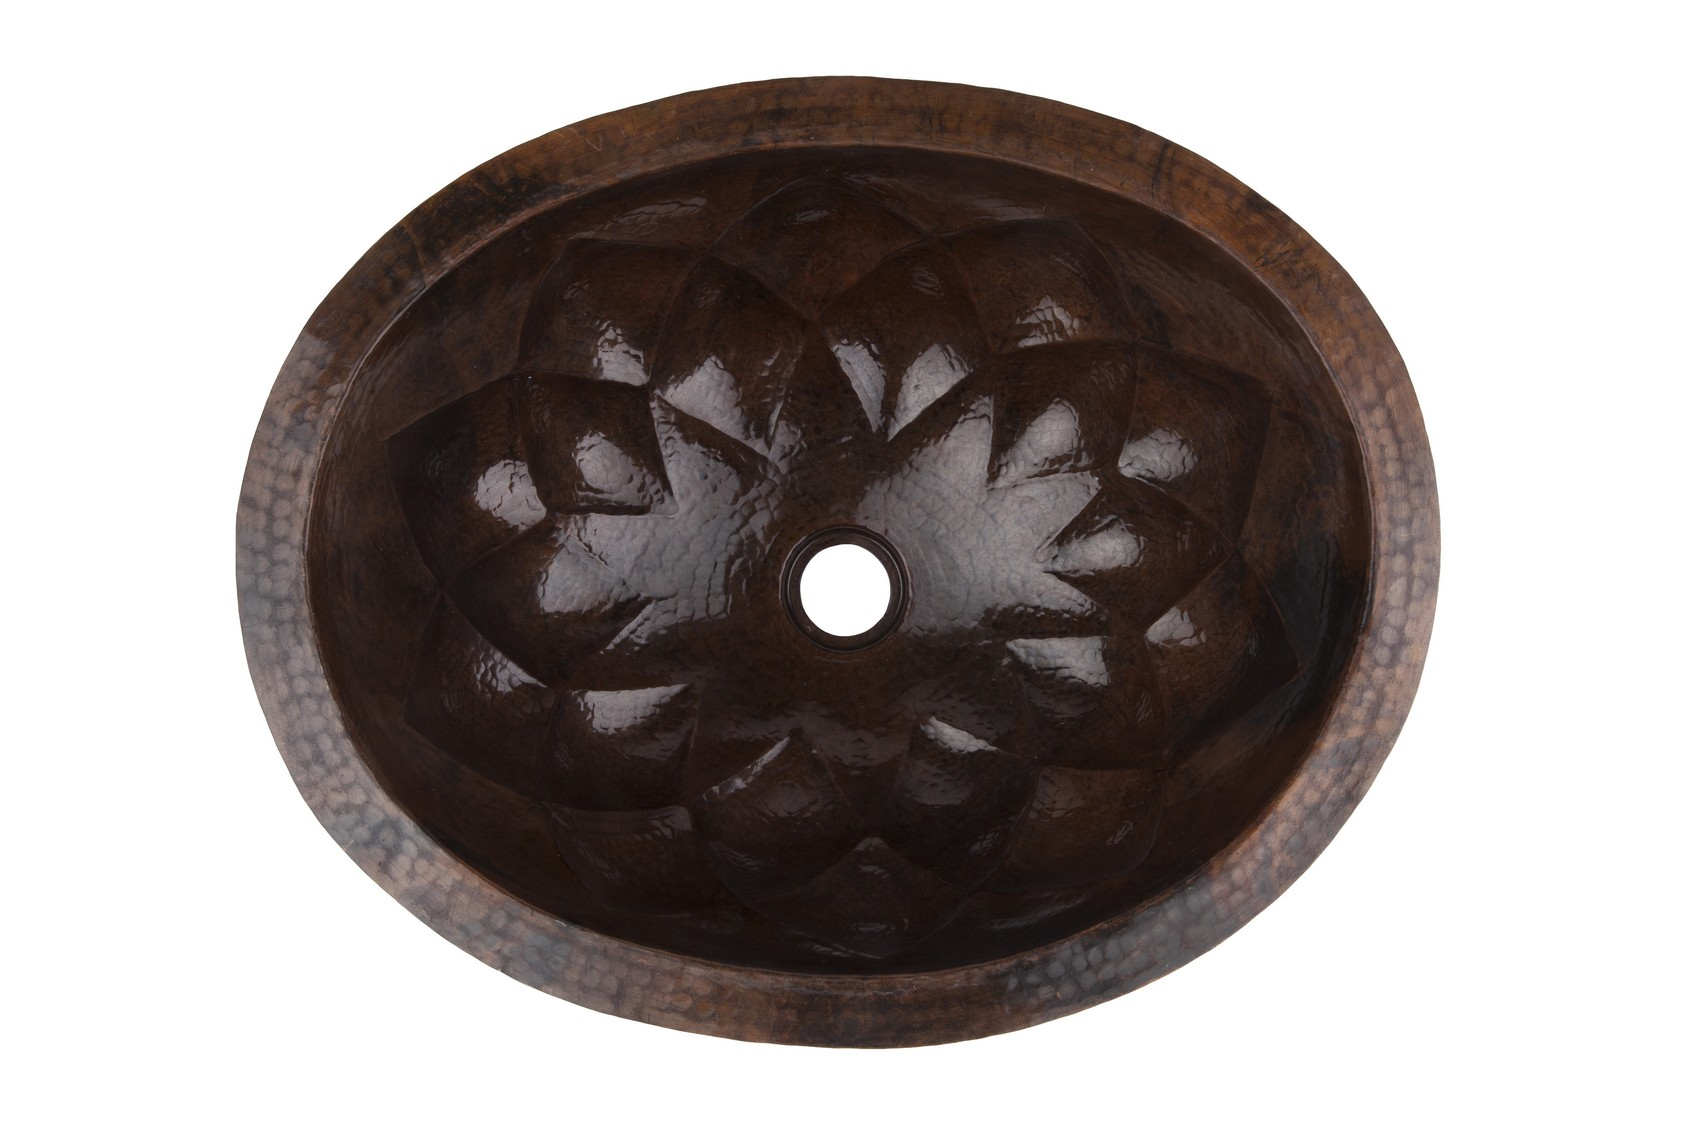 Waschbecken Aus Kupfer Handgefertigte - Kupfer Waschbecken Rund